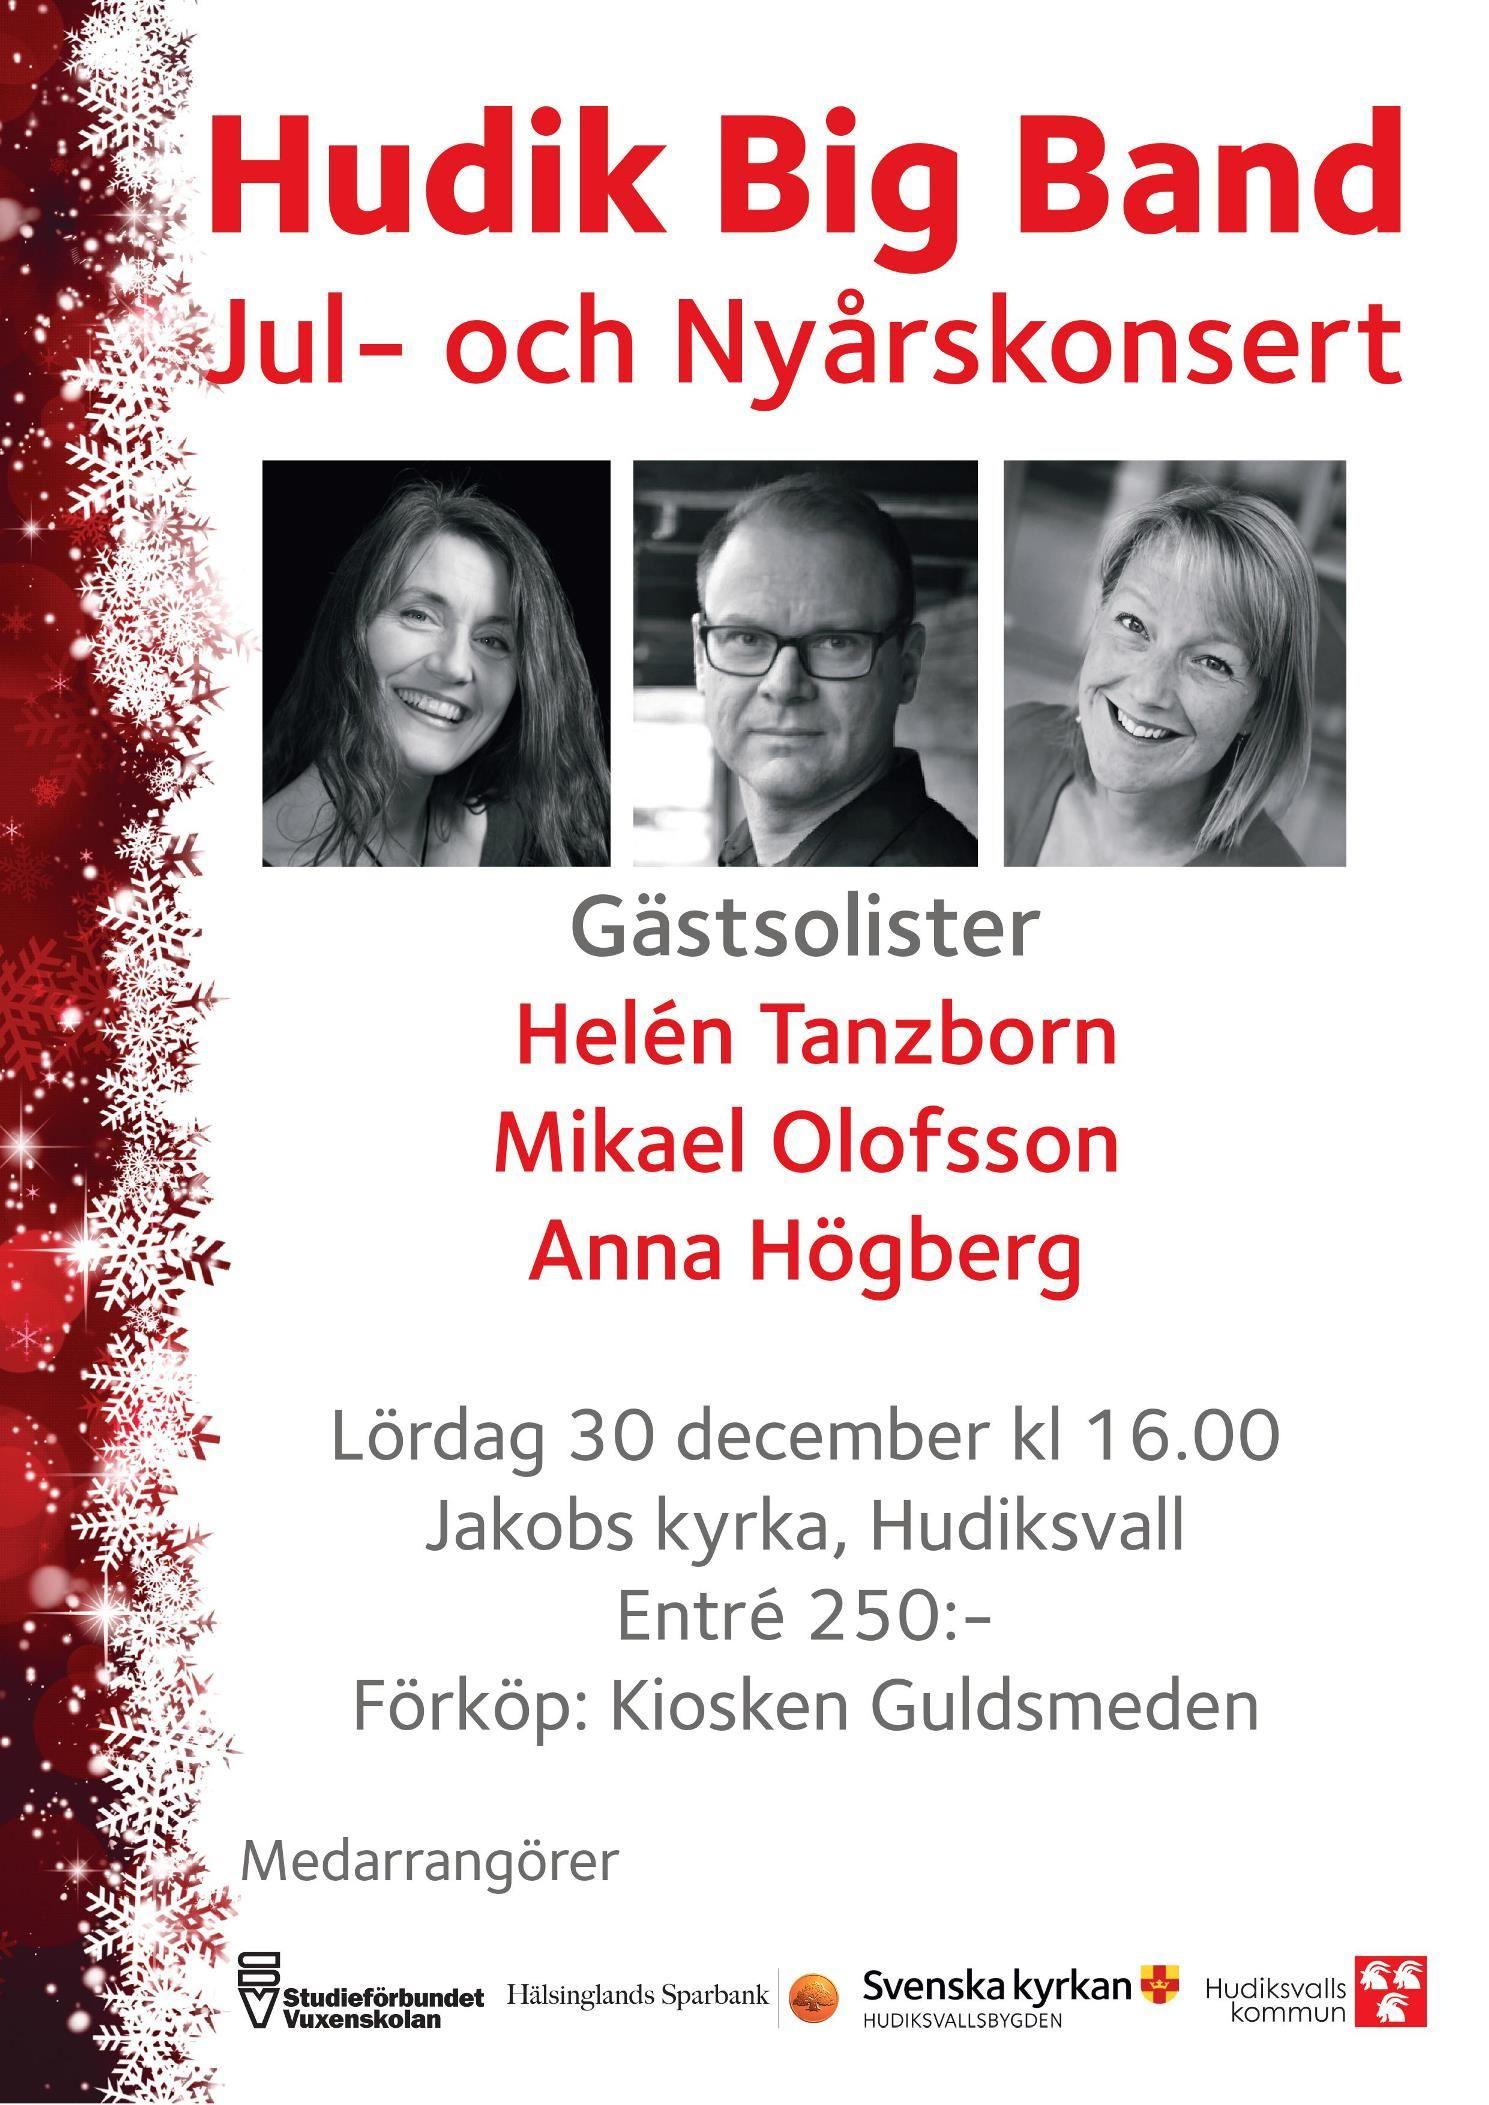 HudikBigBand Jul- och Nyårskonsert